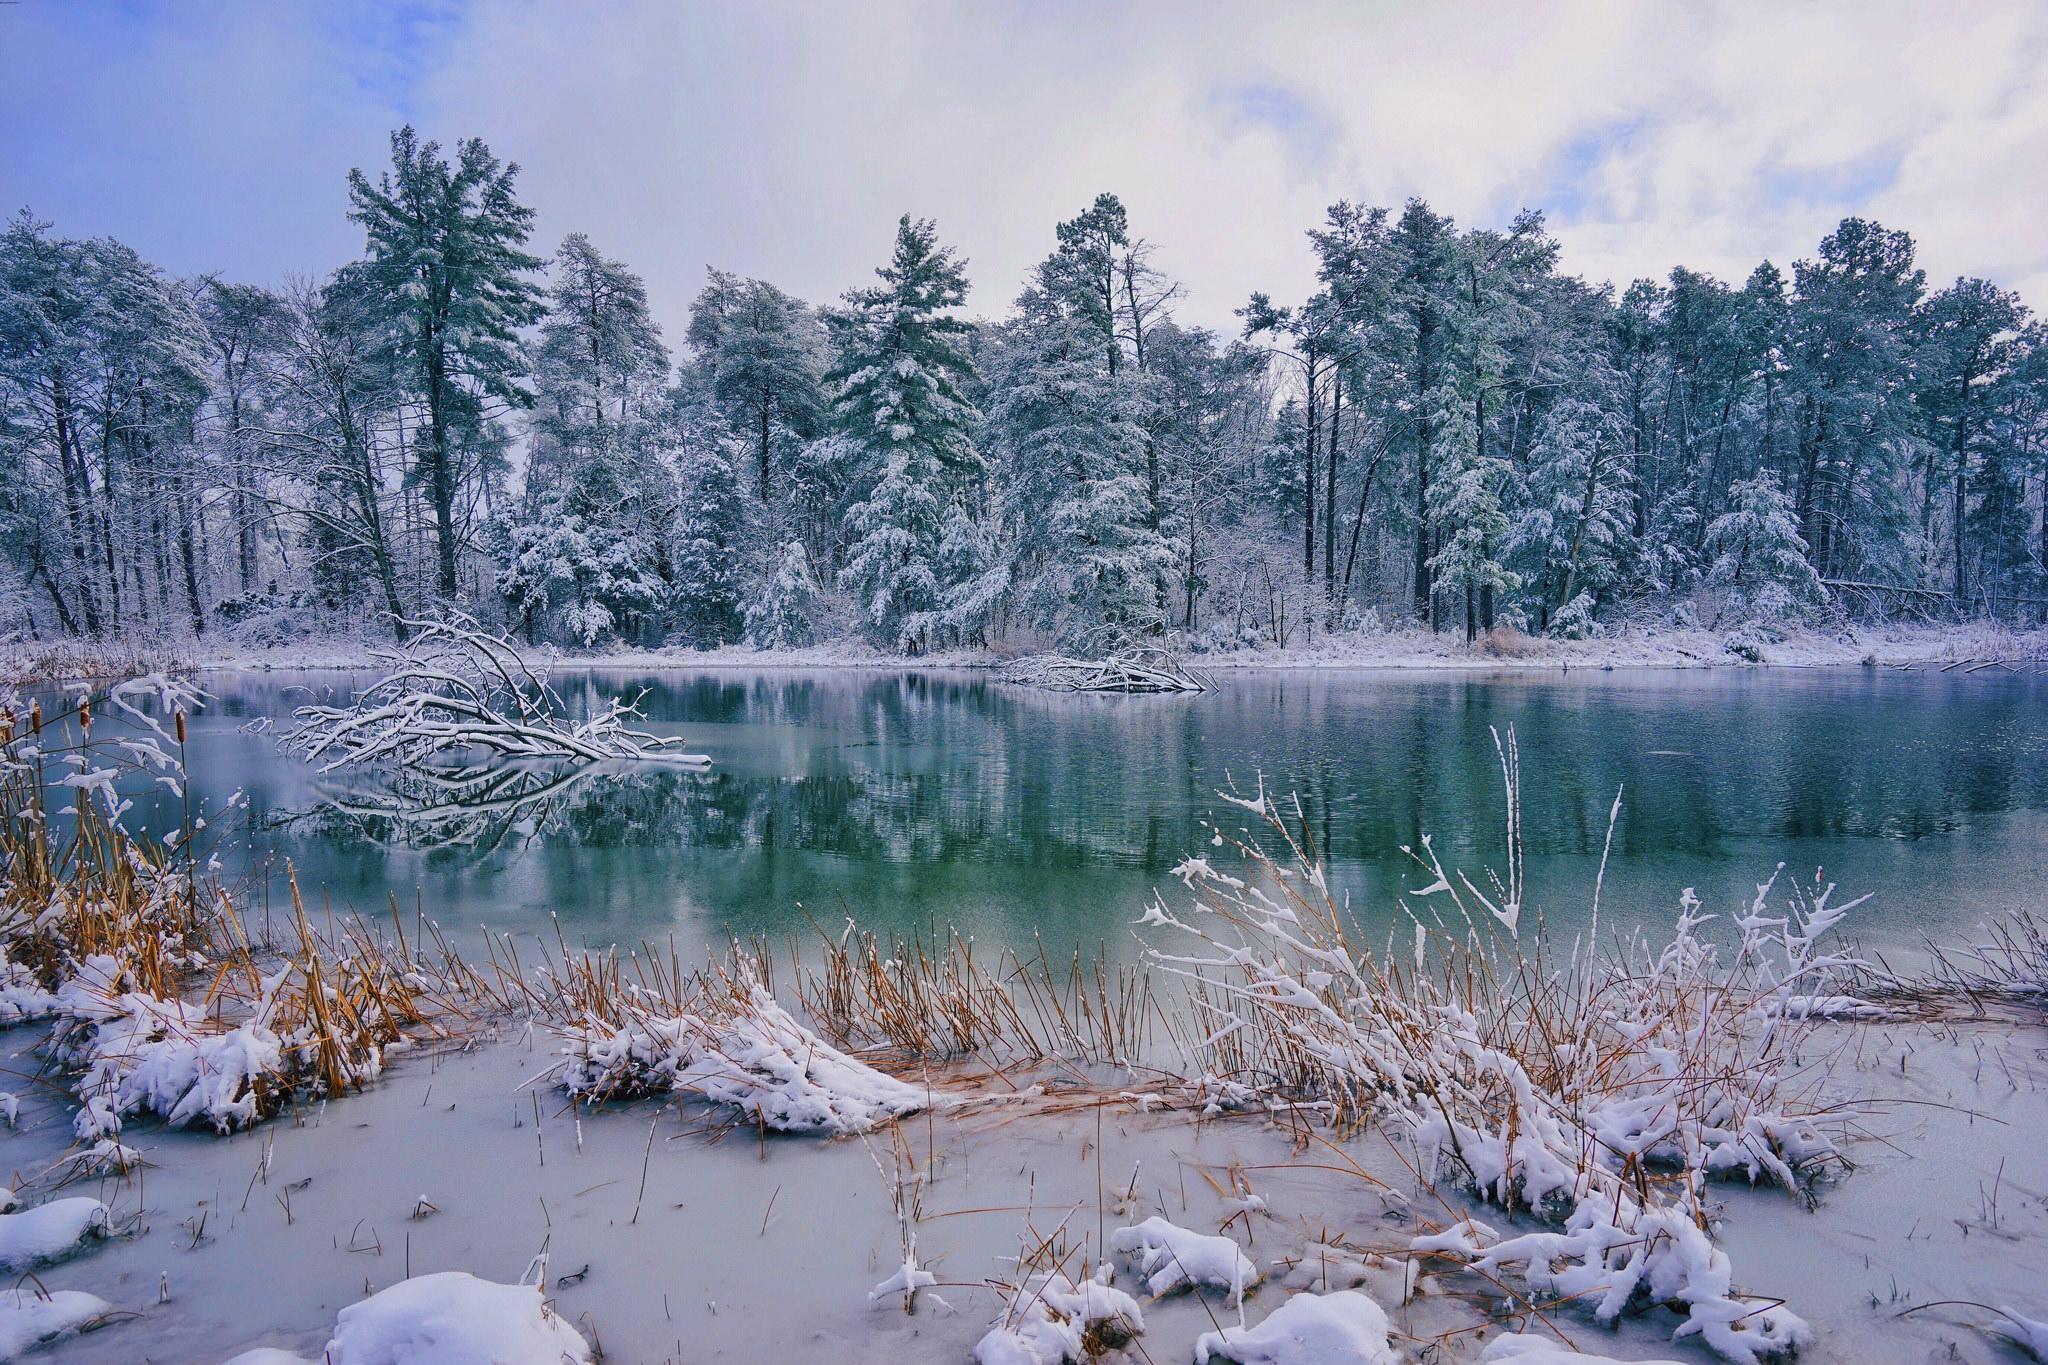 обои озеро, лес, деревья, зима картинки фото